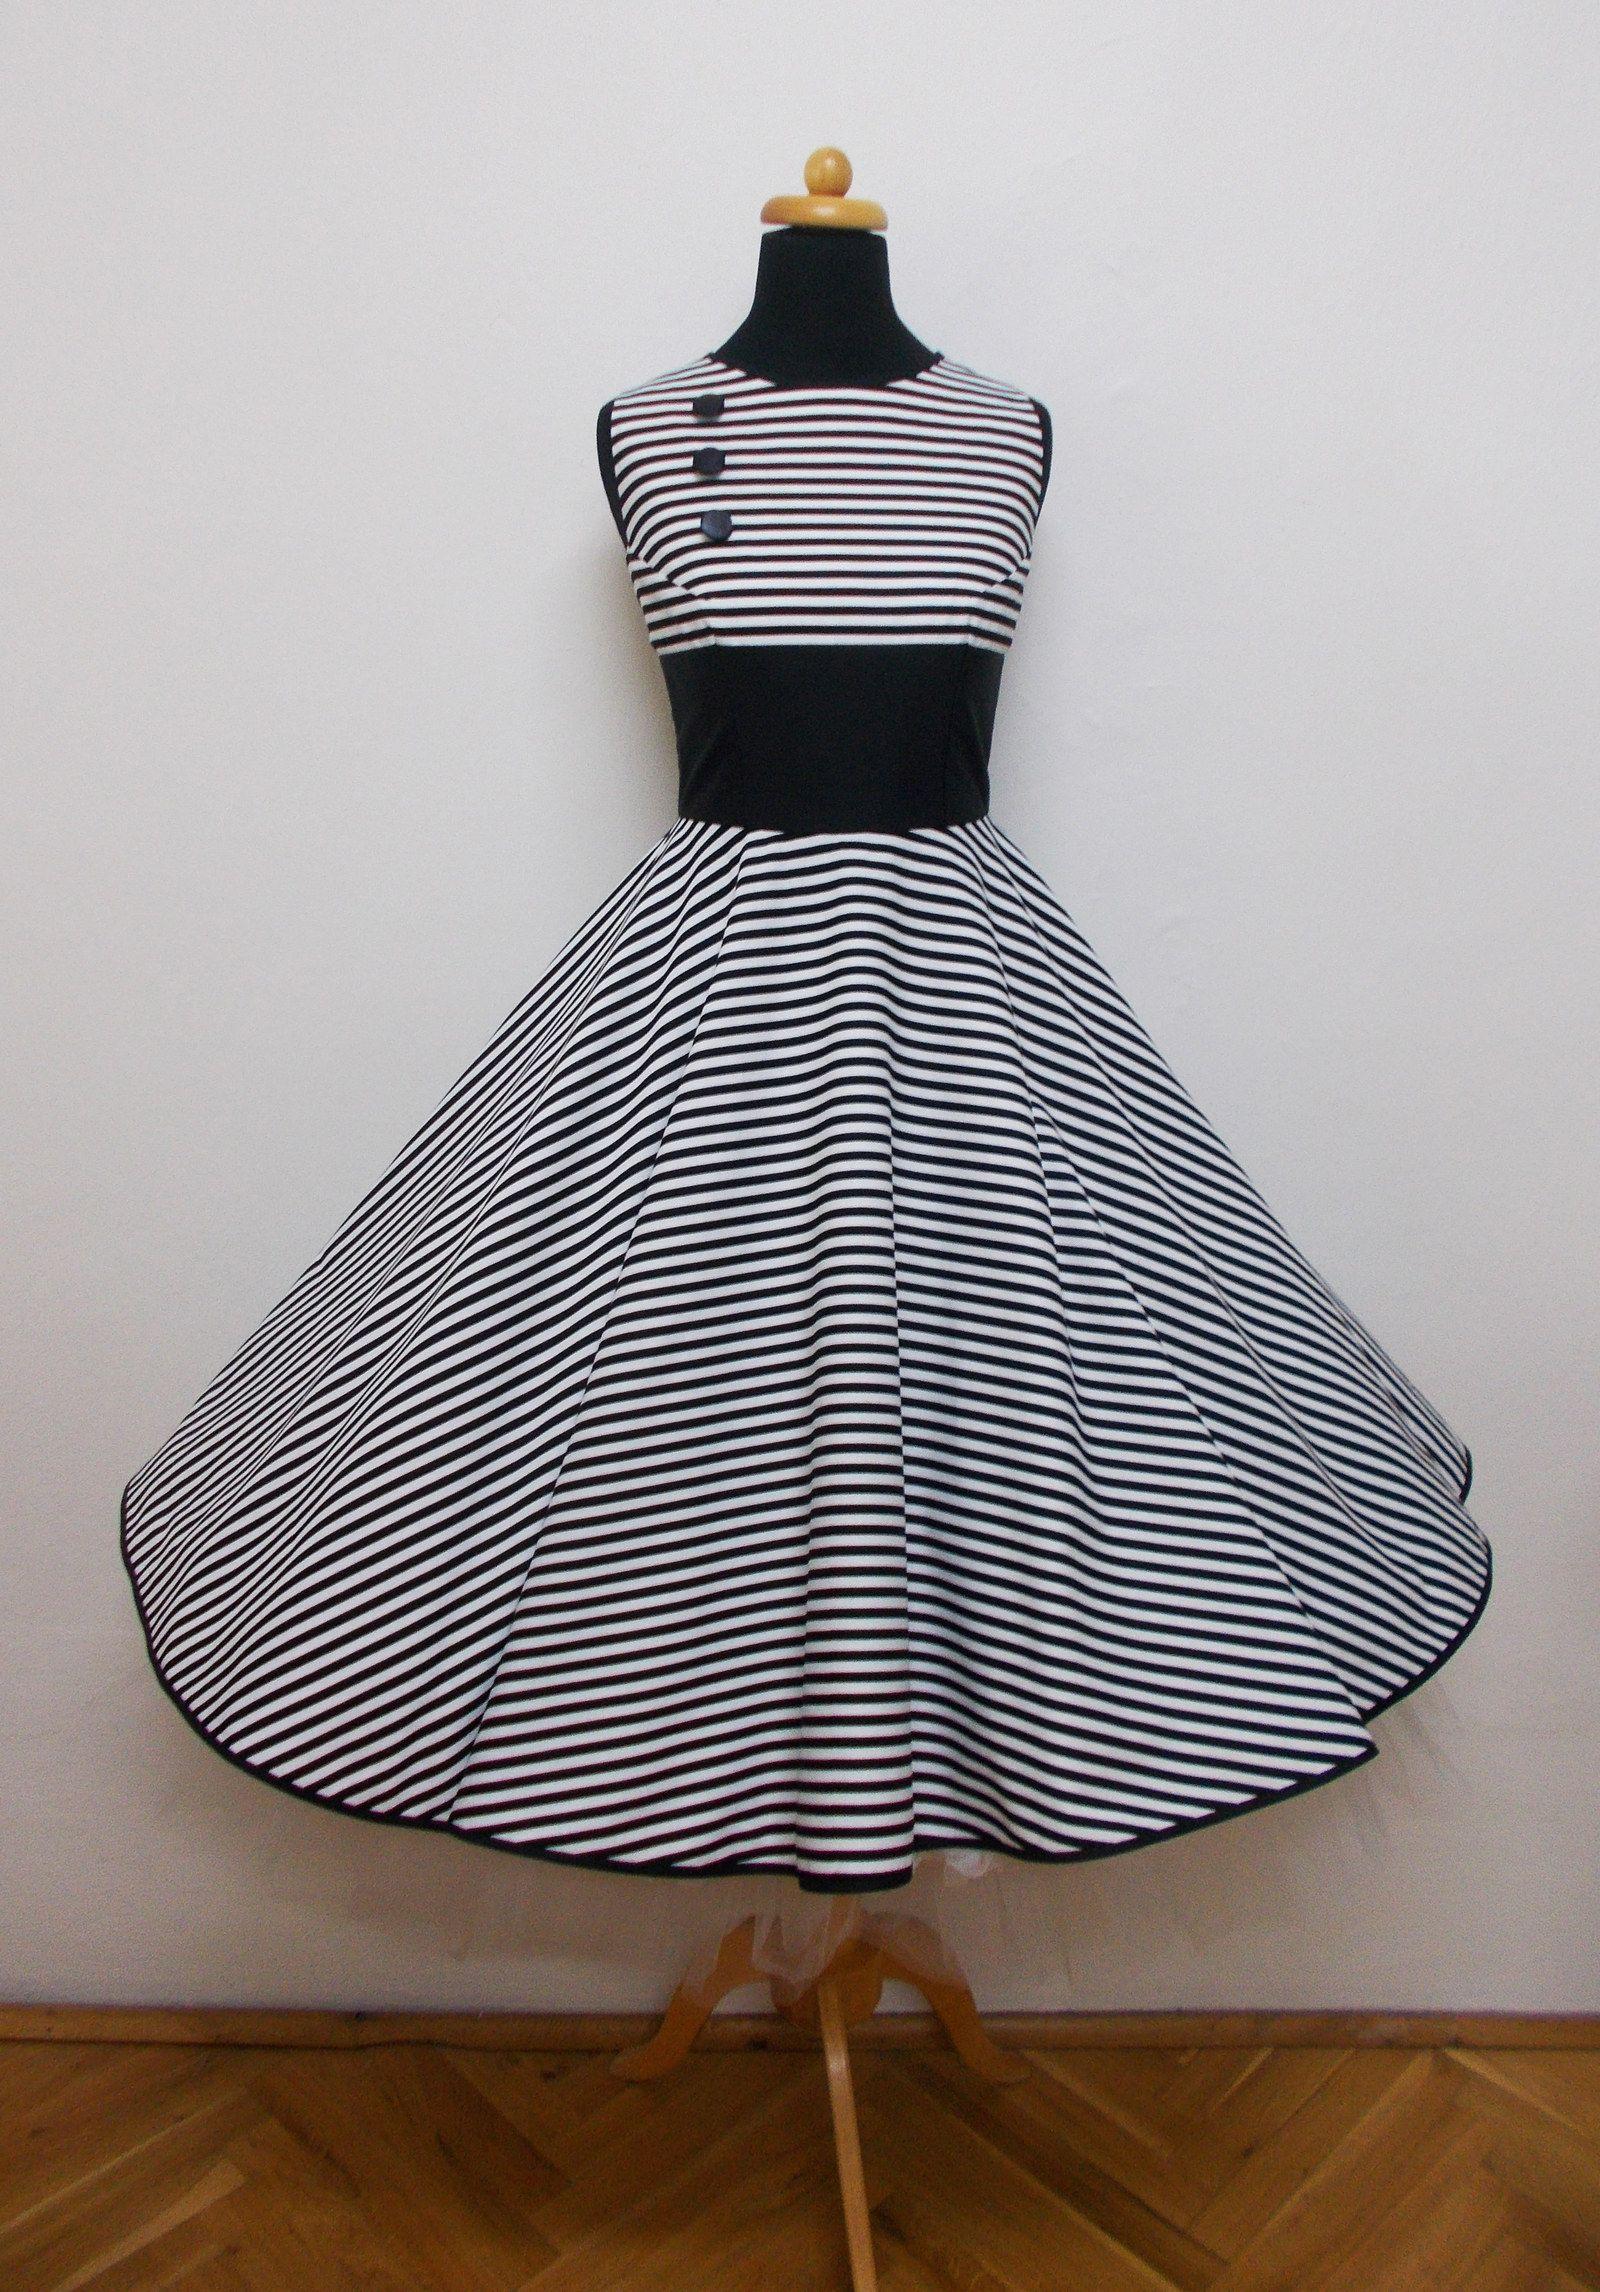 6653773d2200 Černobílé pruhované s kolovou sukní Materiál-bavlna Obvod hrudi-88cm obvod  pasu-70cm Délka sukně-65cm Bez spodničky